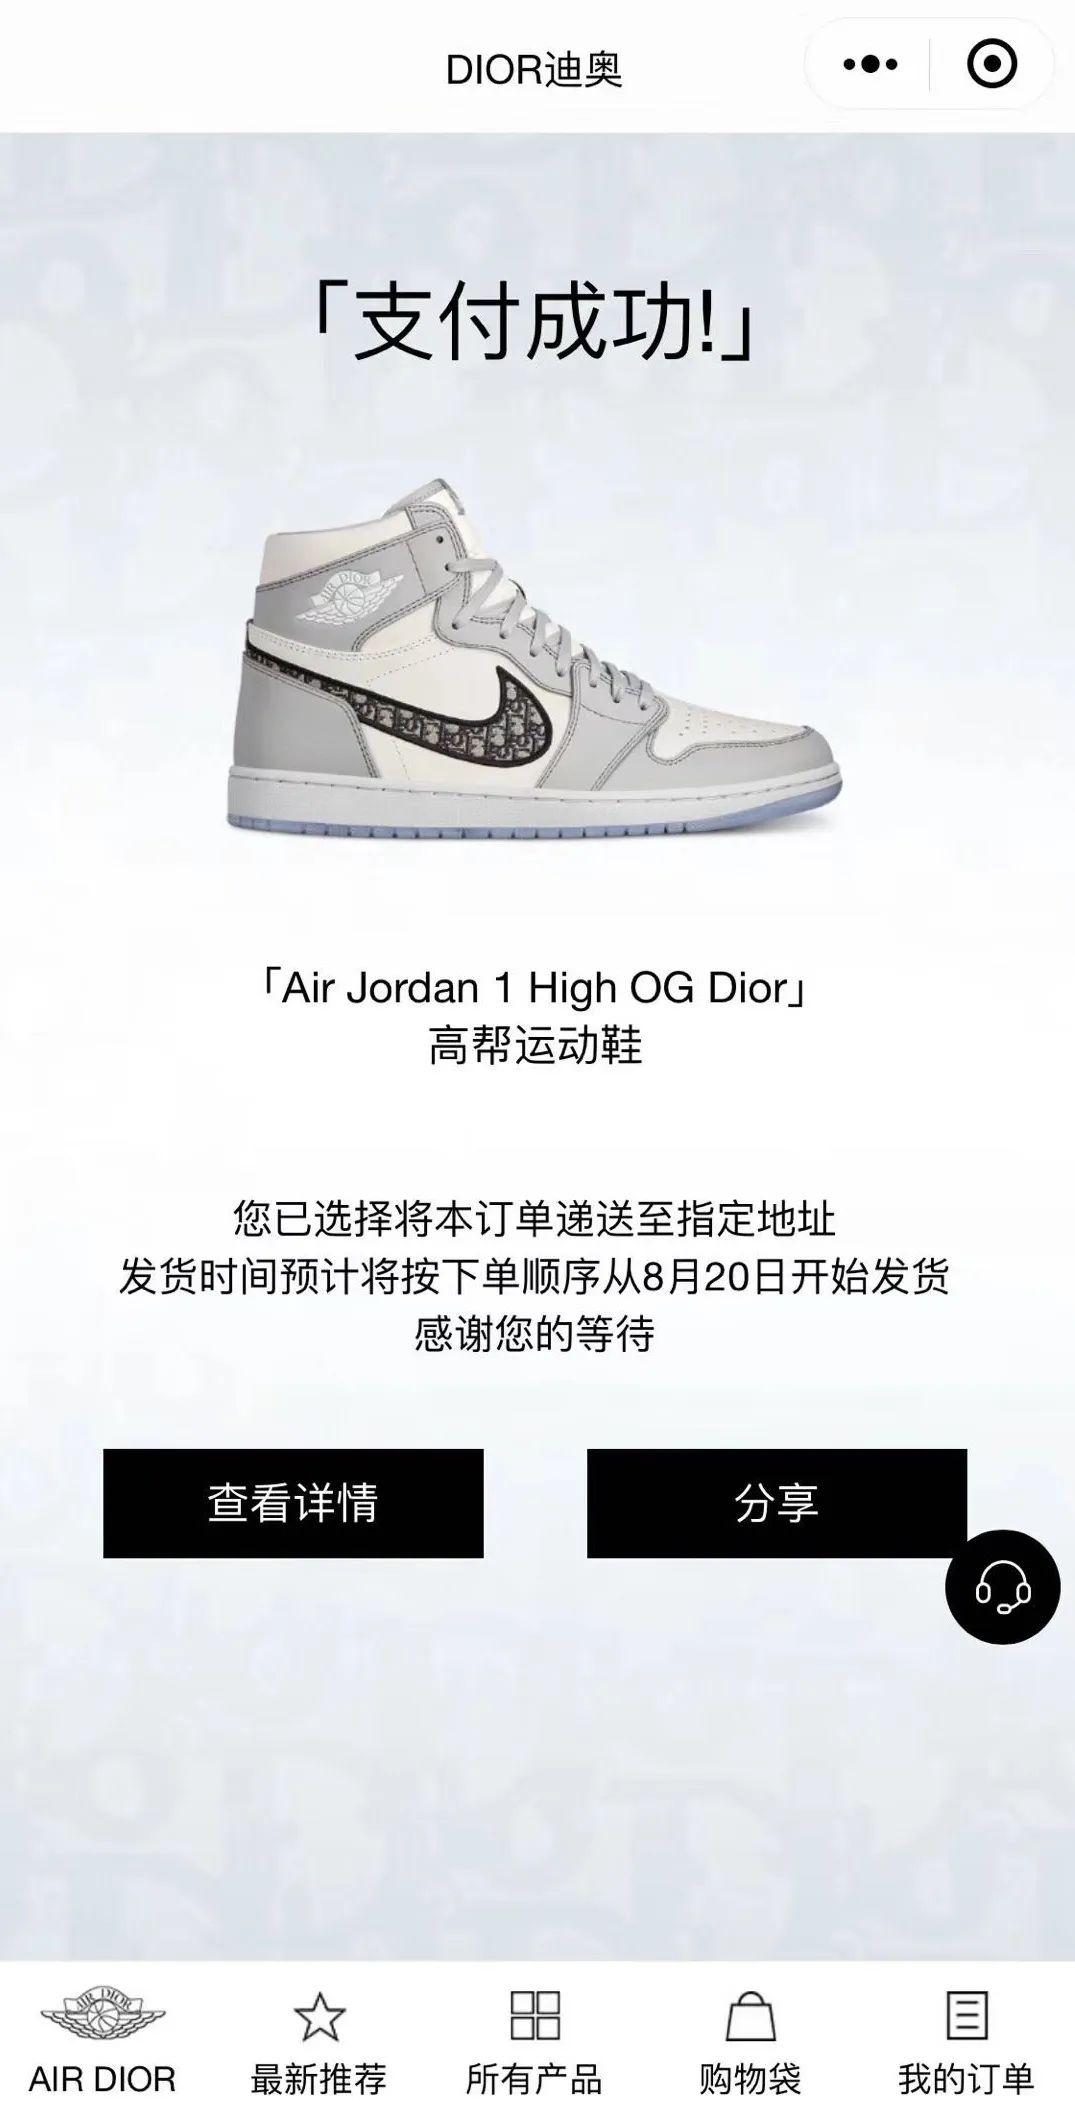 鞋狗3大幻觉之一:今天Dior x AJ1我必中签!高帮却售罄了...